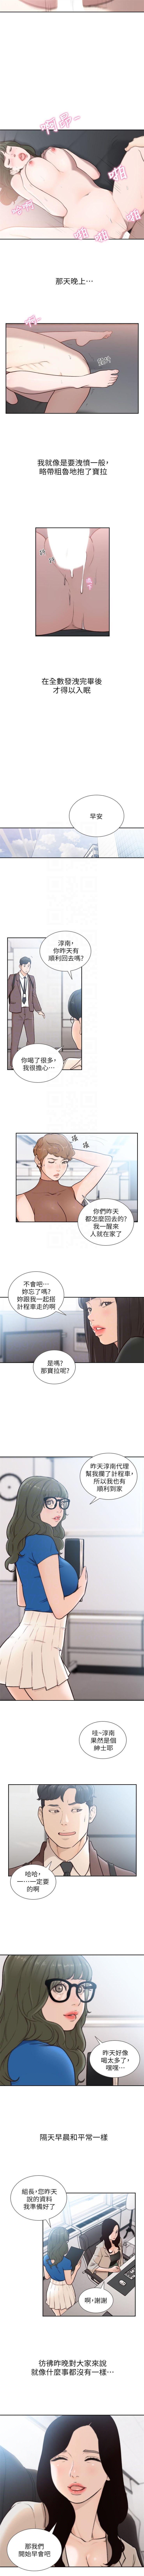 前女友 1-48 中文翻译(更新中) 174